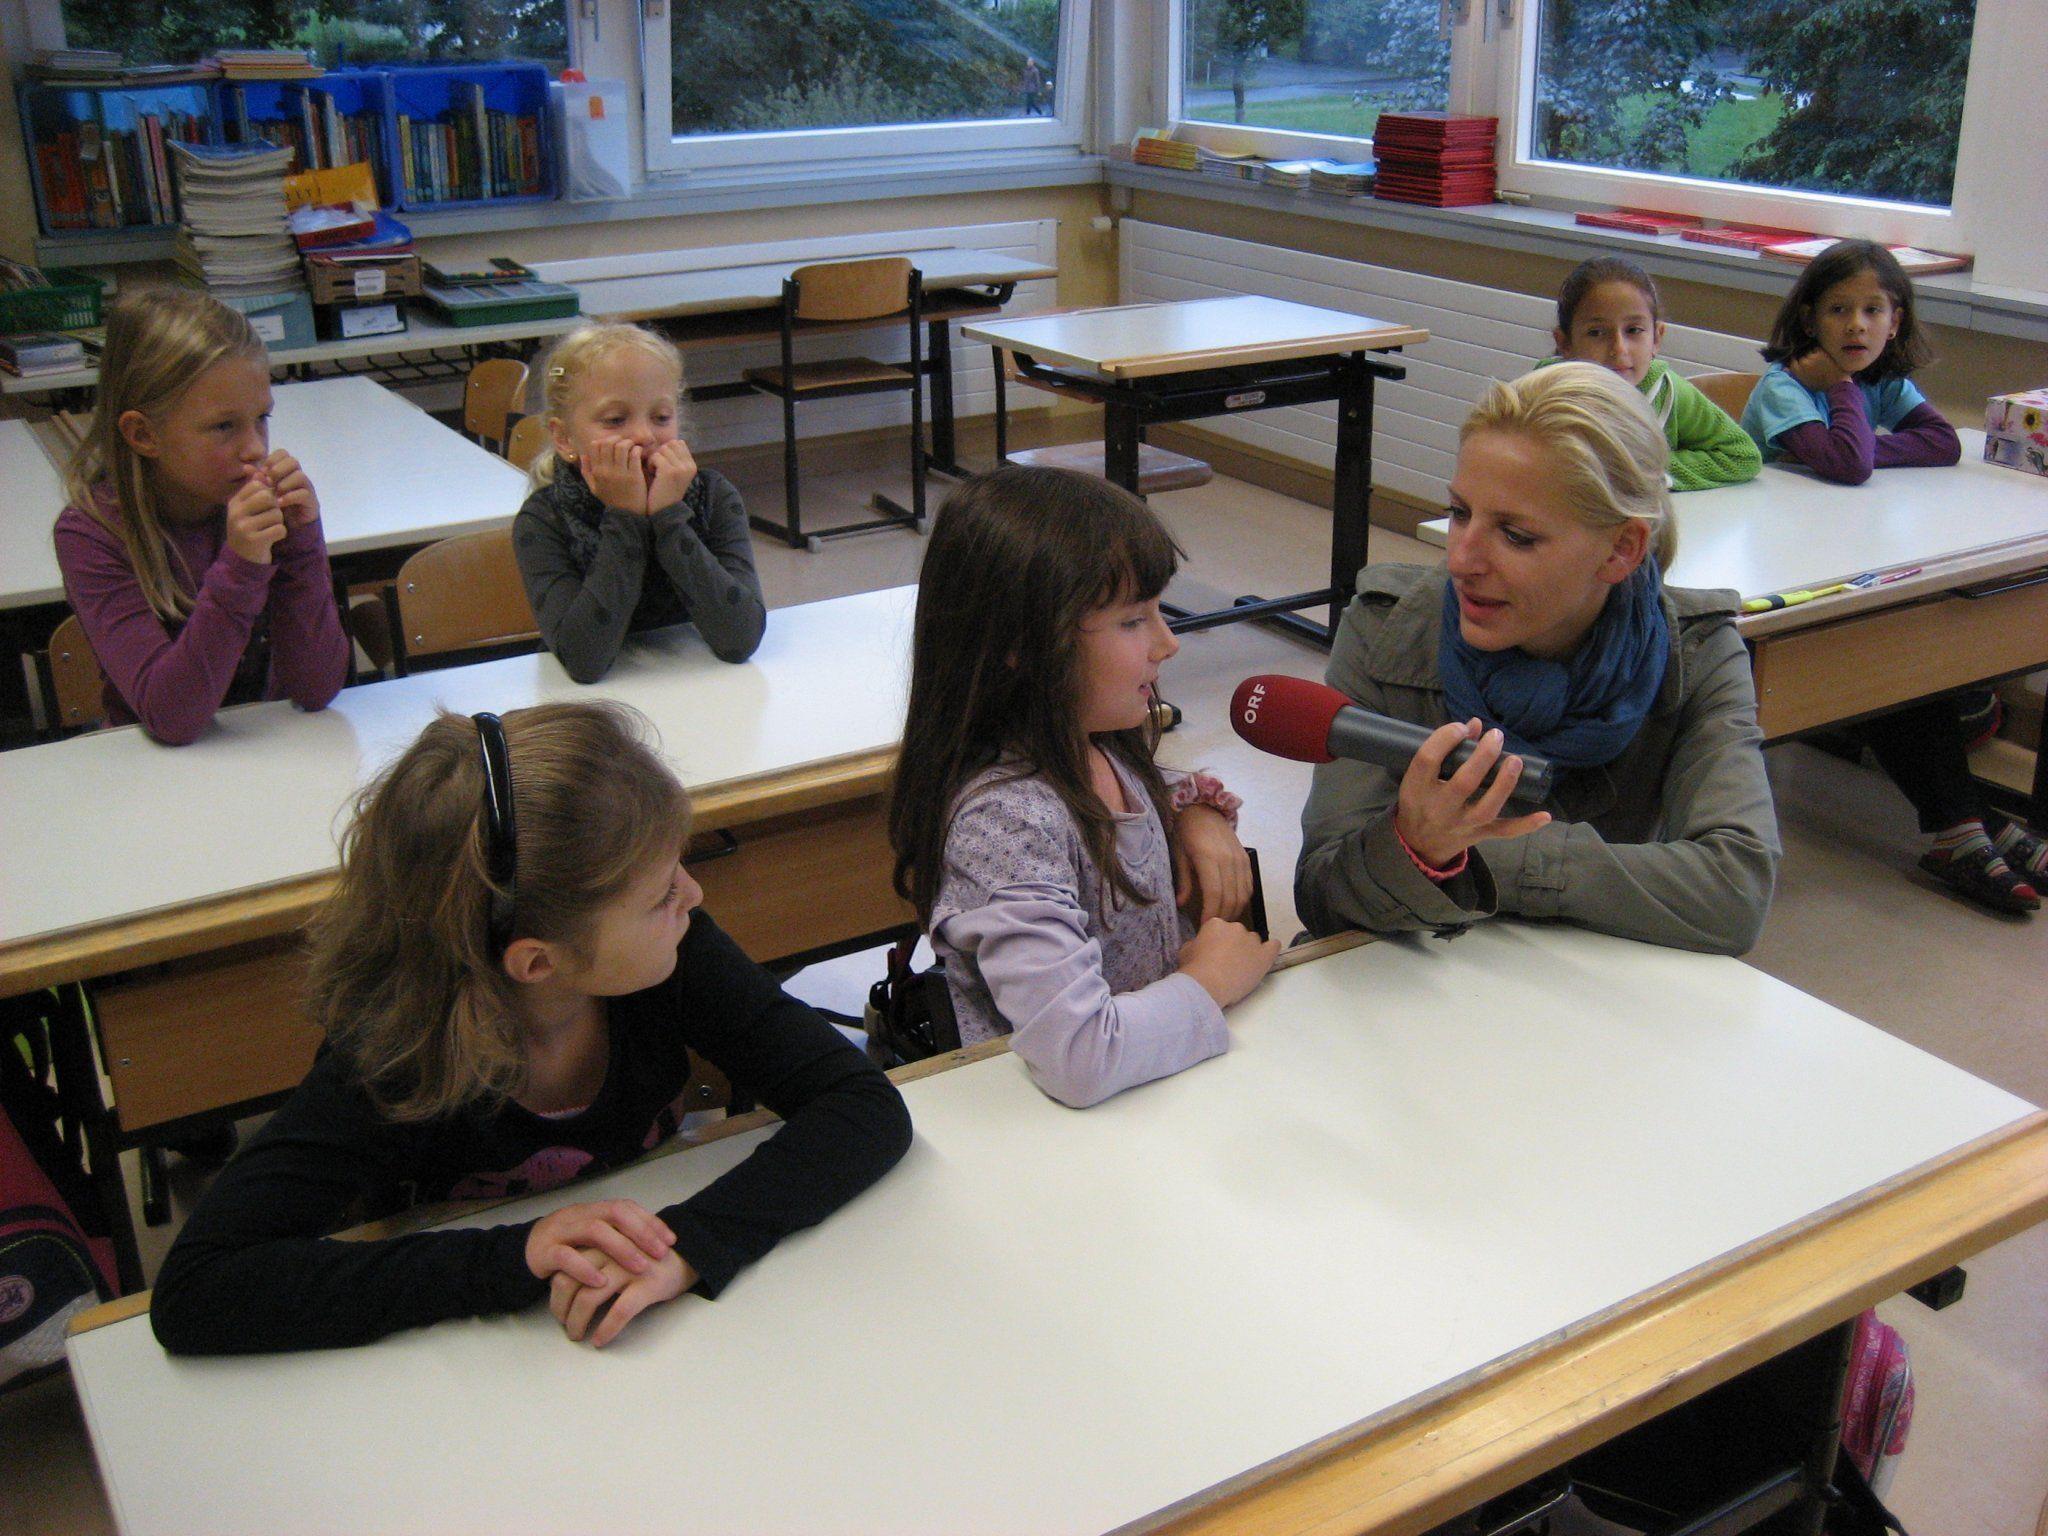 Zum Start der Mobilwoche wurden einzelne Kinder von Radio Vorarlberg interviewt